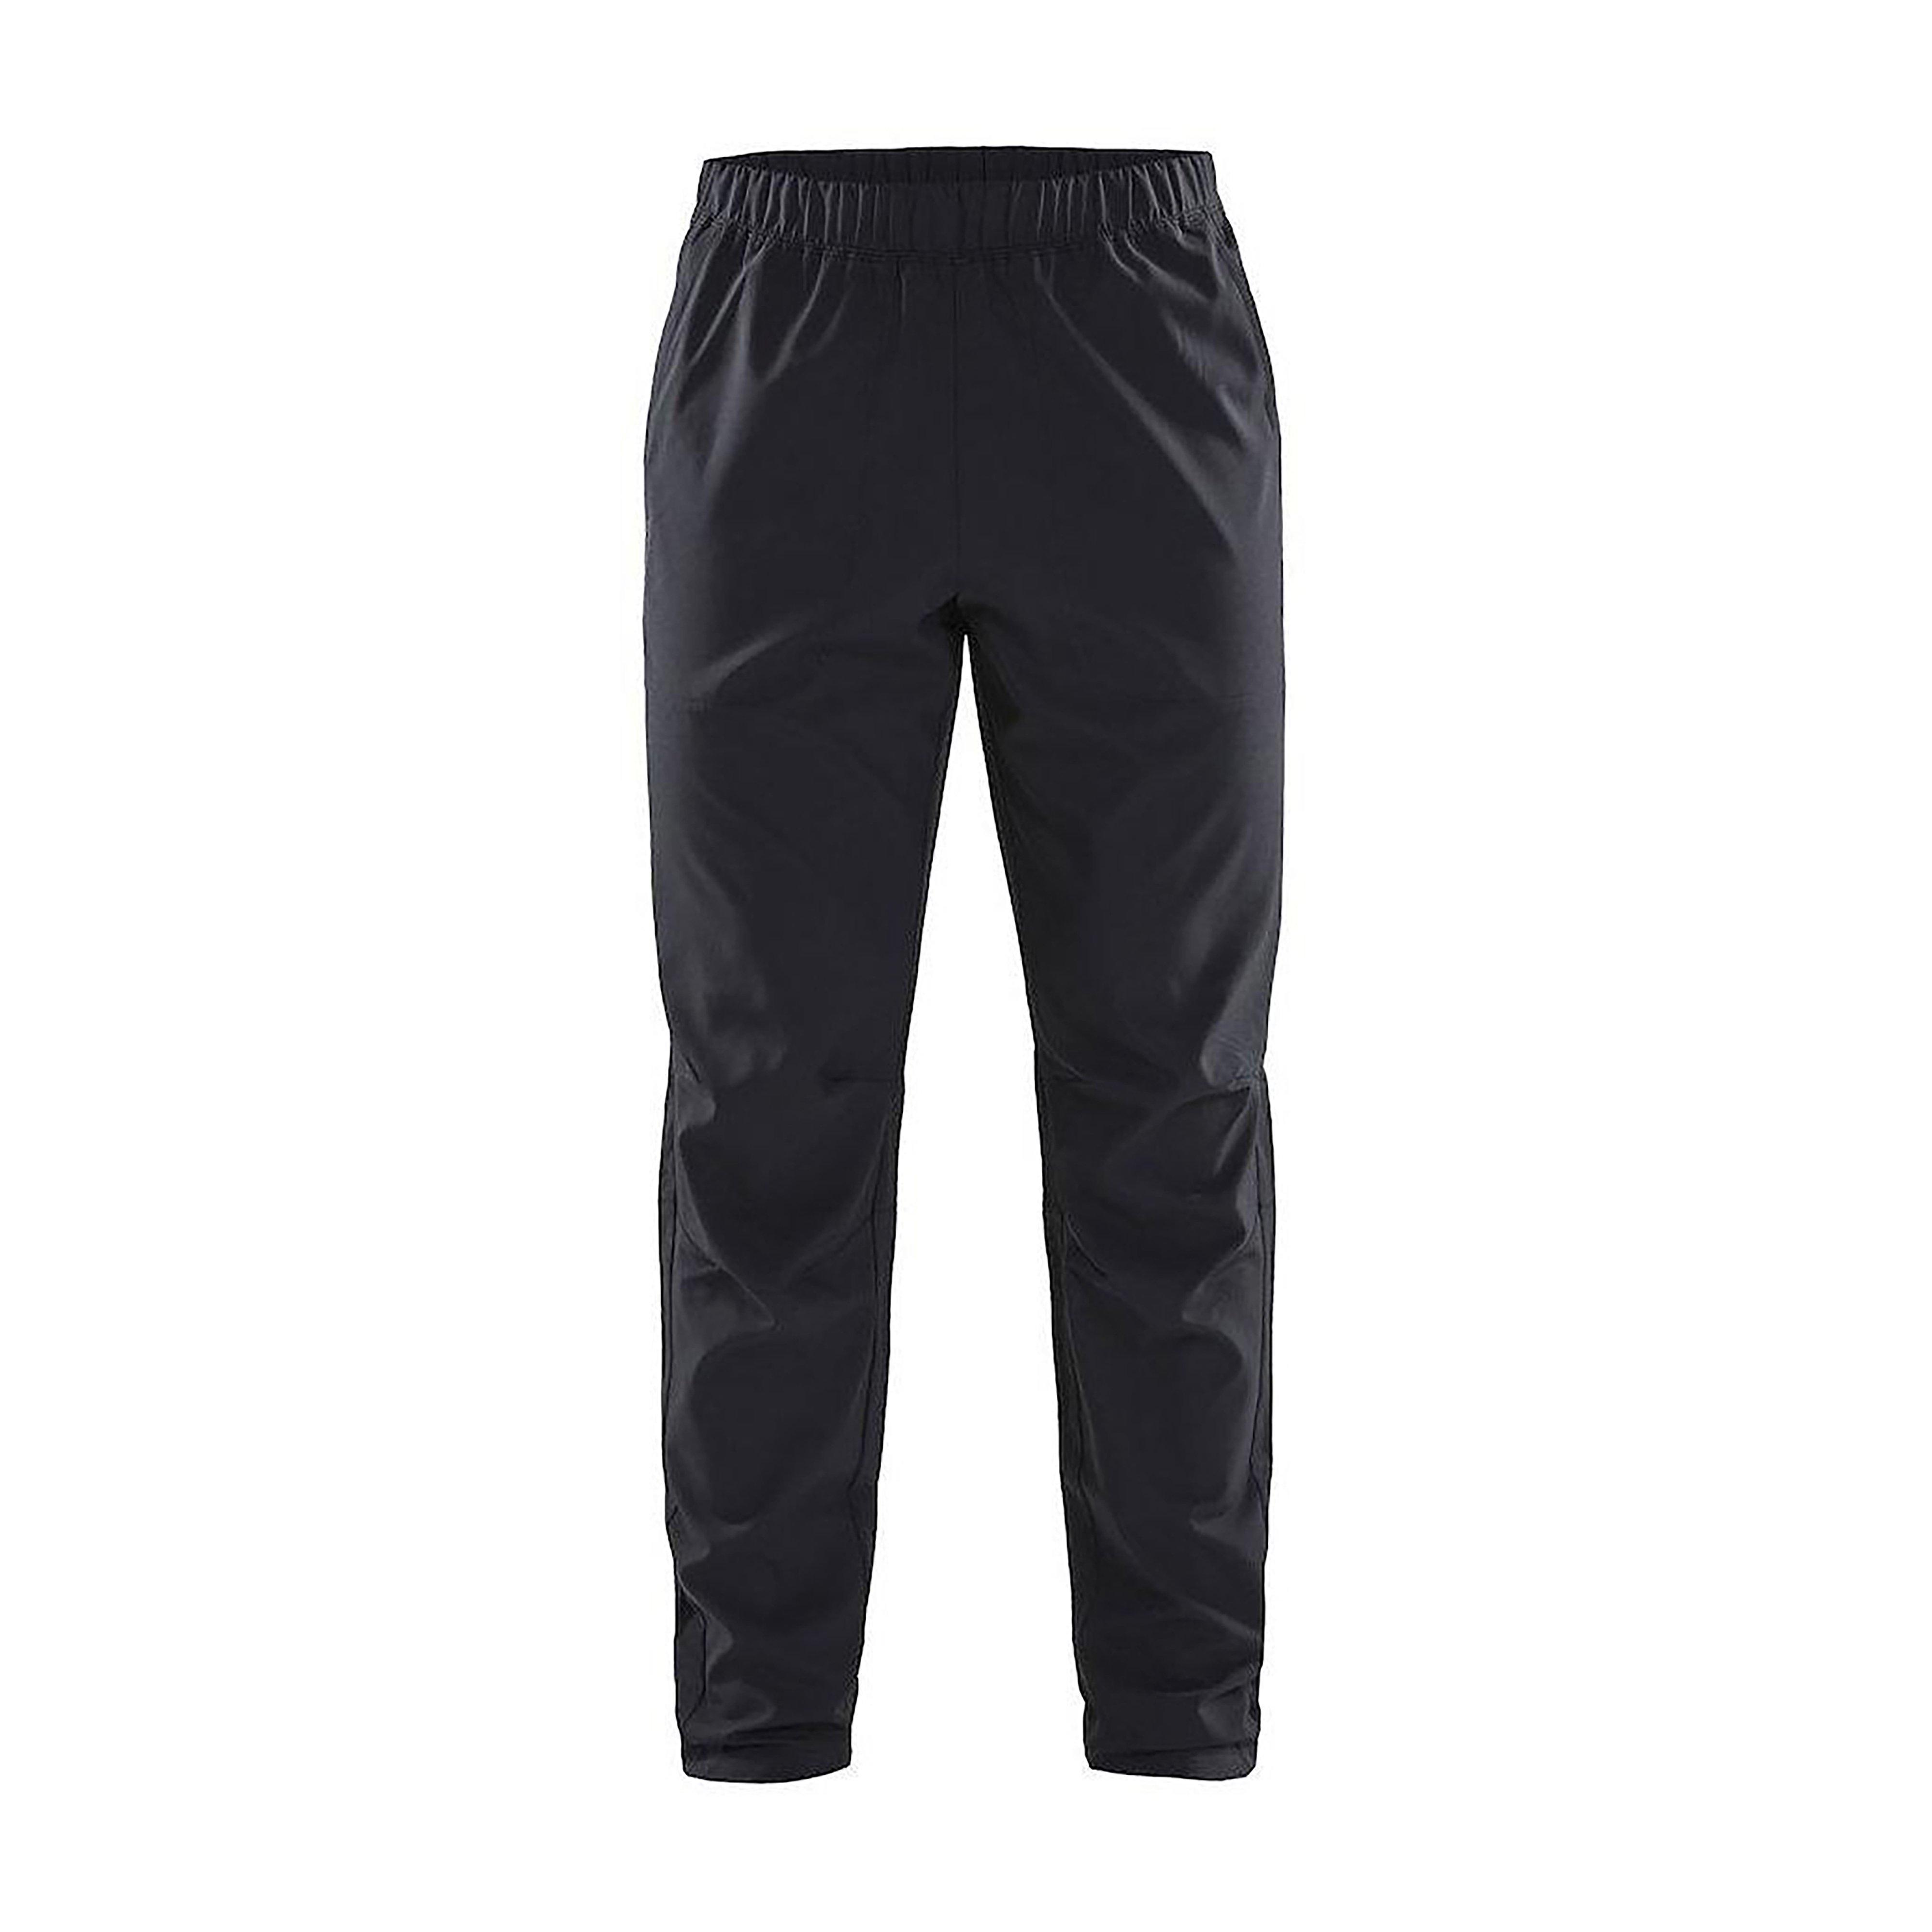 Craft Craft Mens Eaze T&F Pants